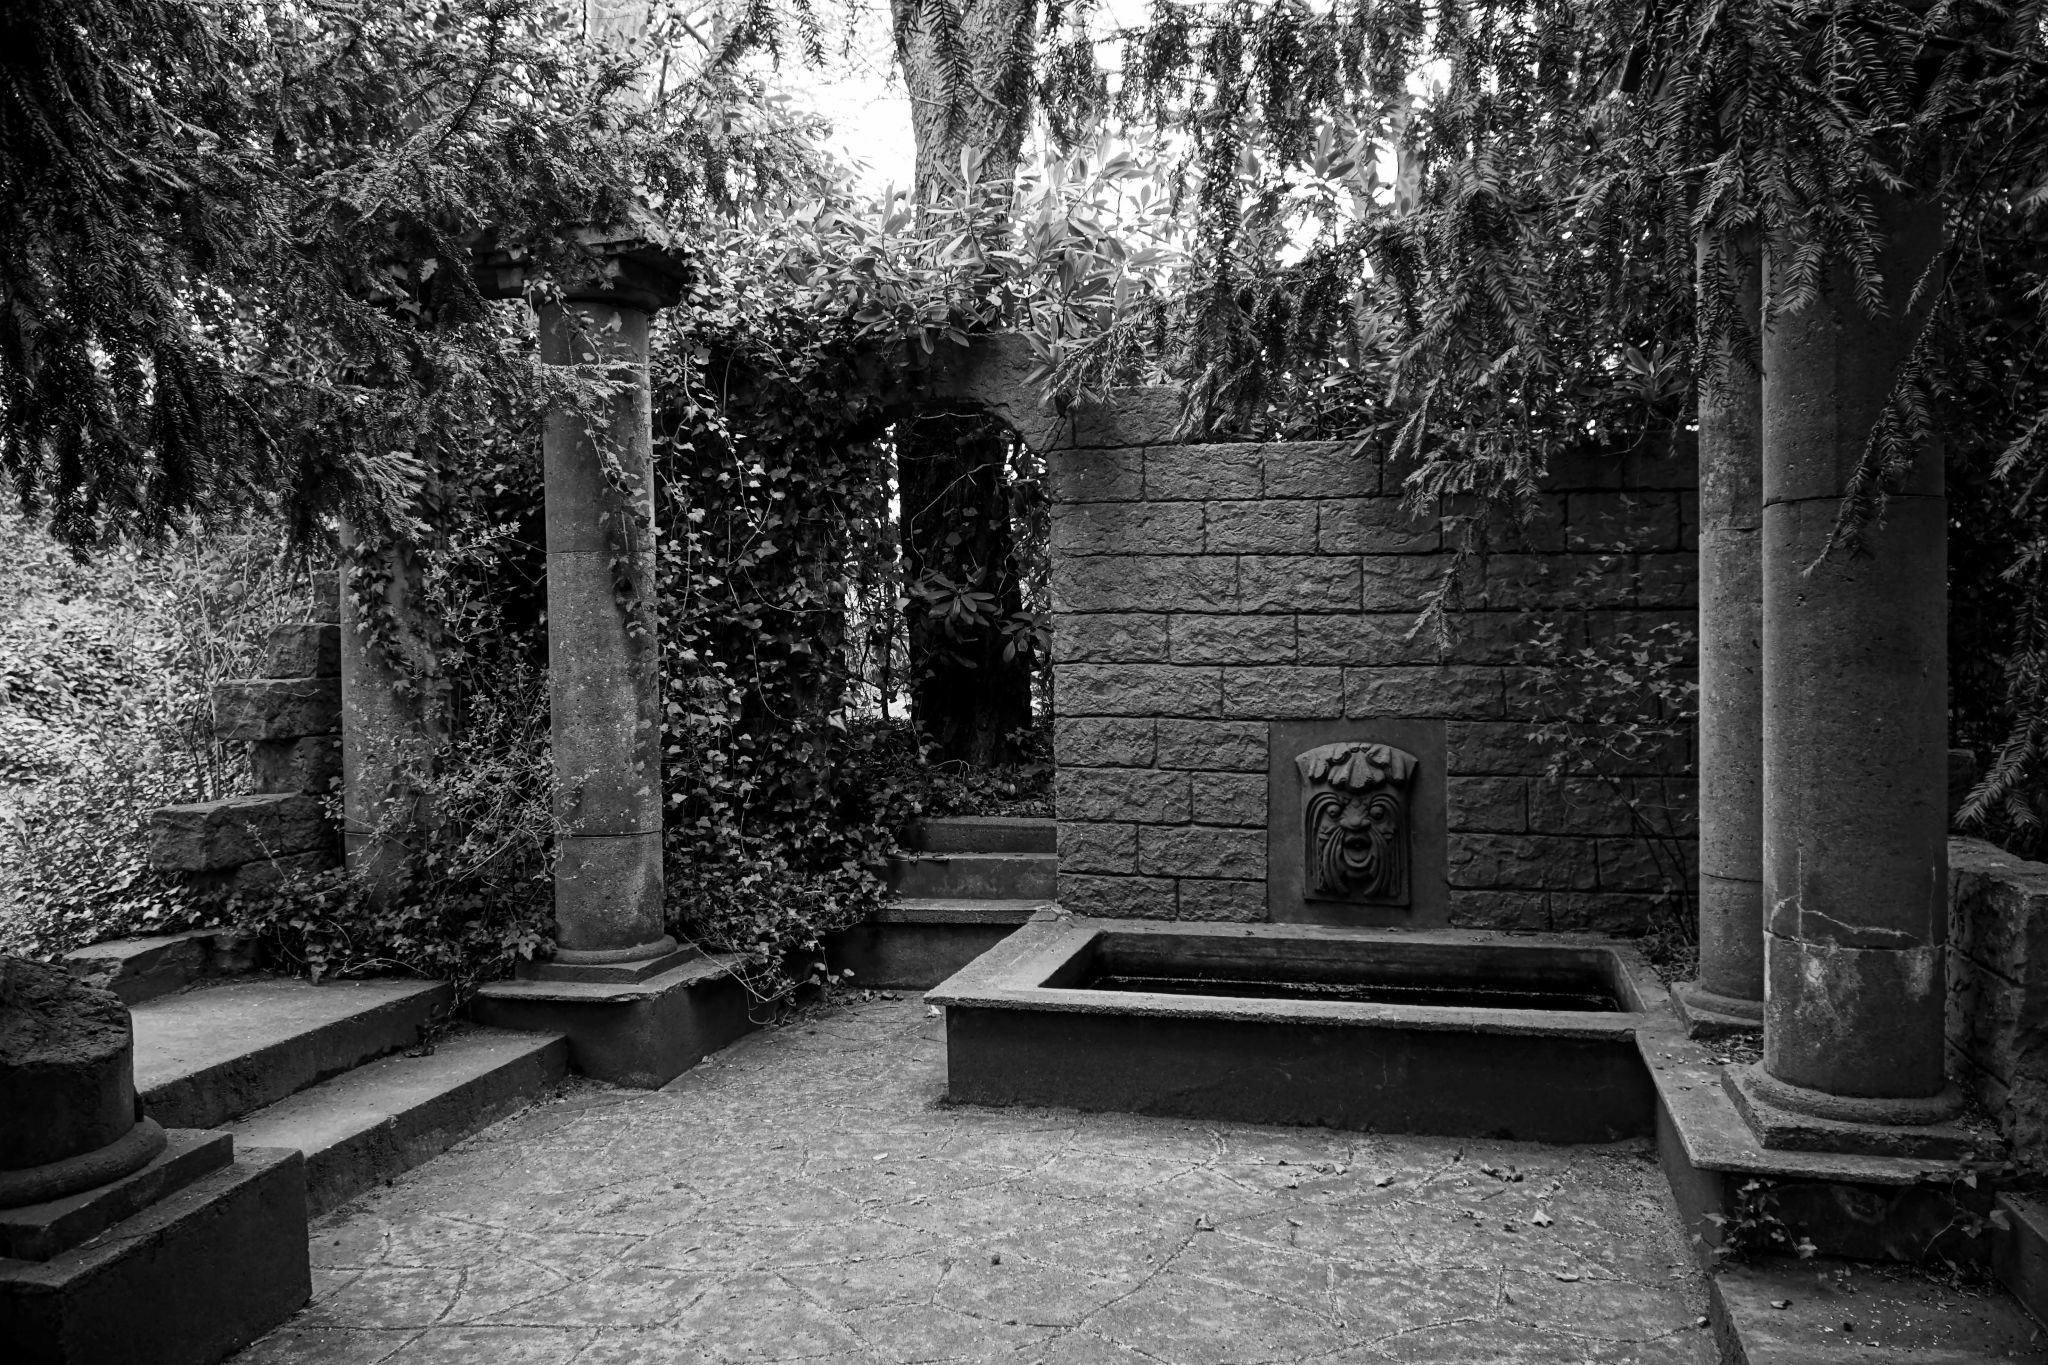 Thieles Garten, Germany